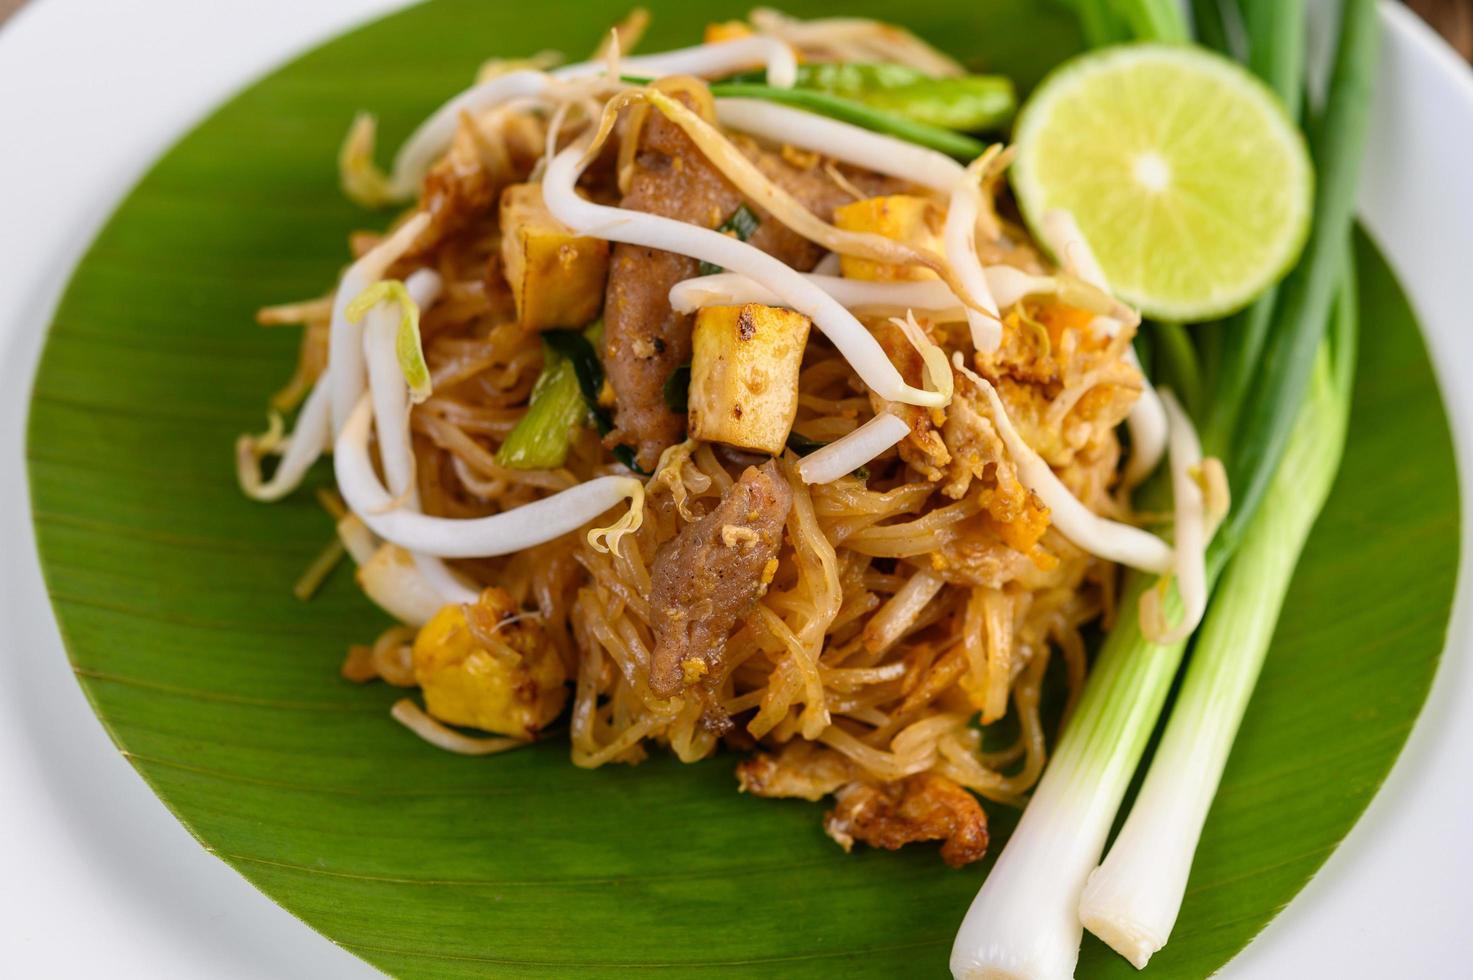 Pad thai plato en una hoja de plátano foto